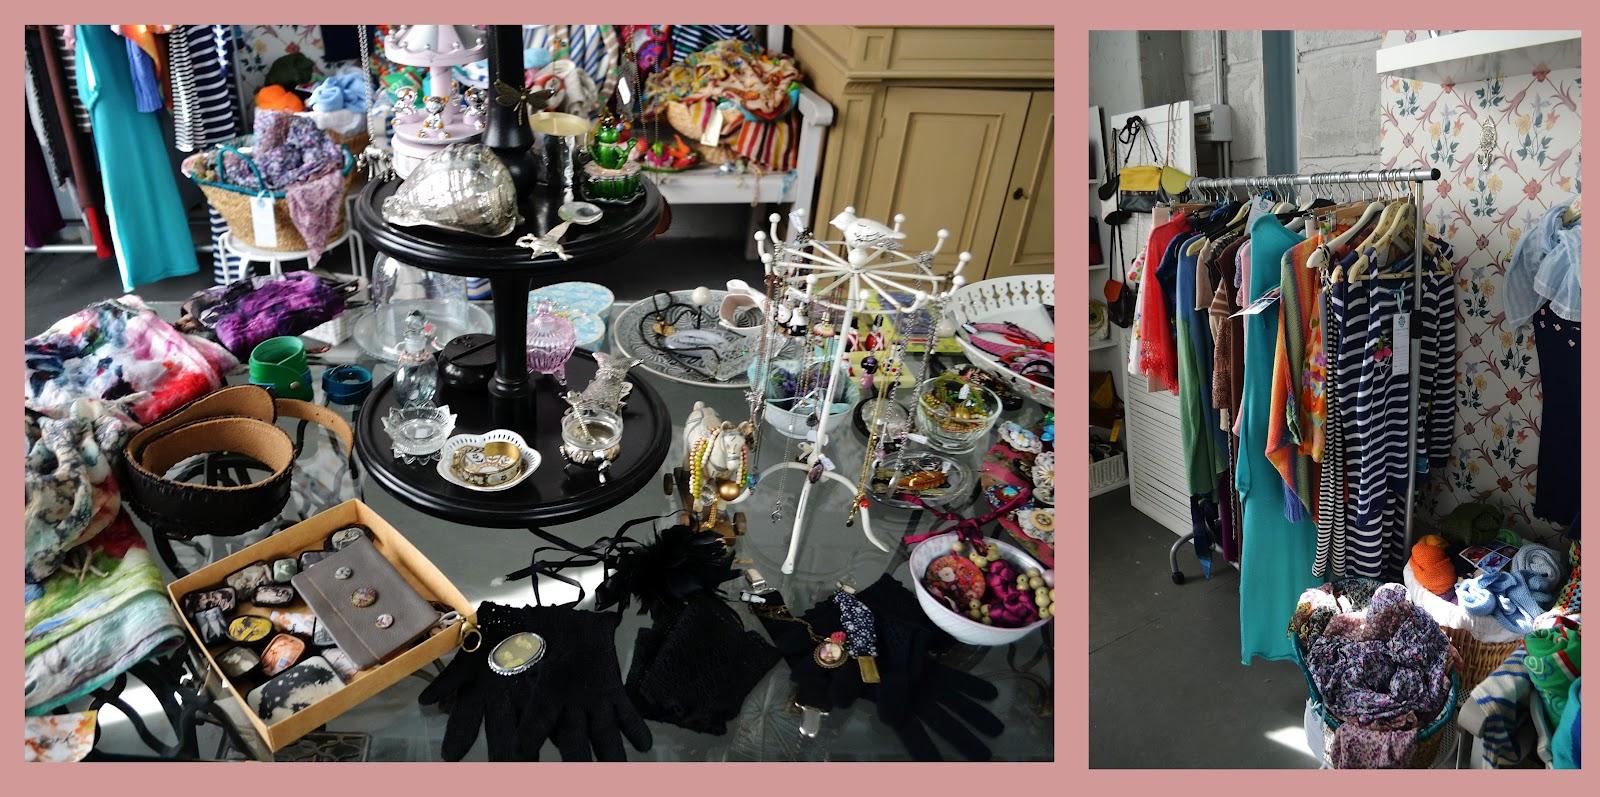 Шоу-рум Fit fashion - магазин верхней одежды, метро